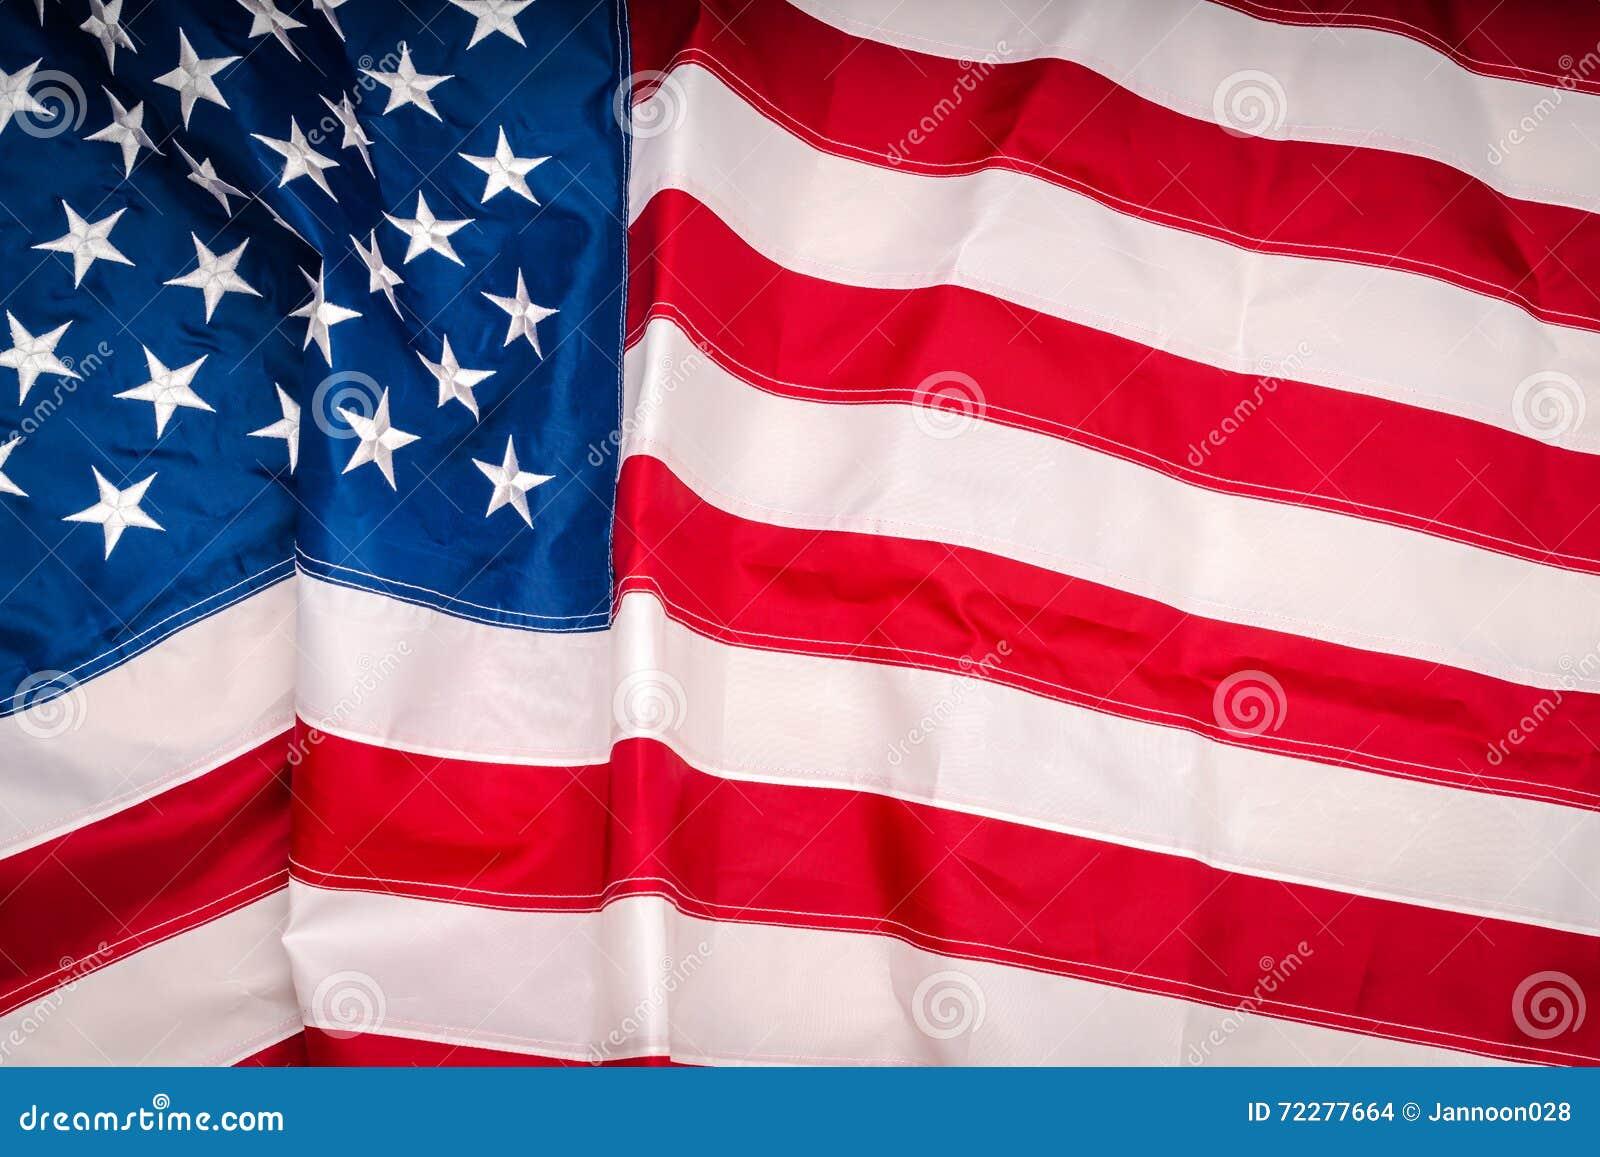 Download американский флаг стоковое фото. изображение насчитывающей народовластие - 72277664